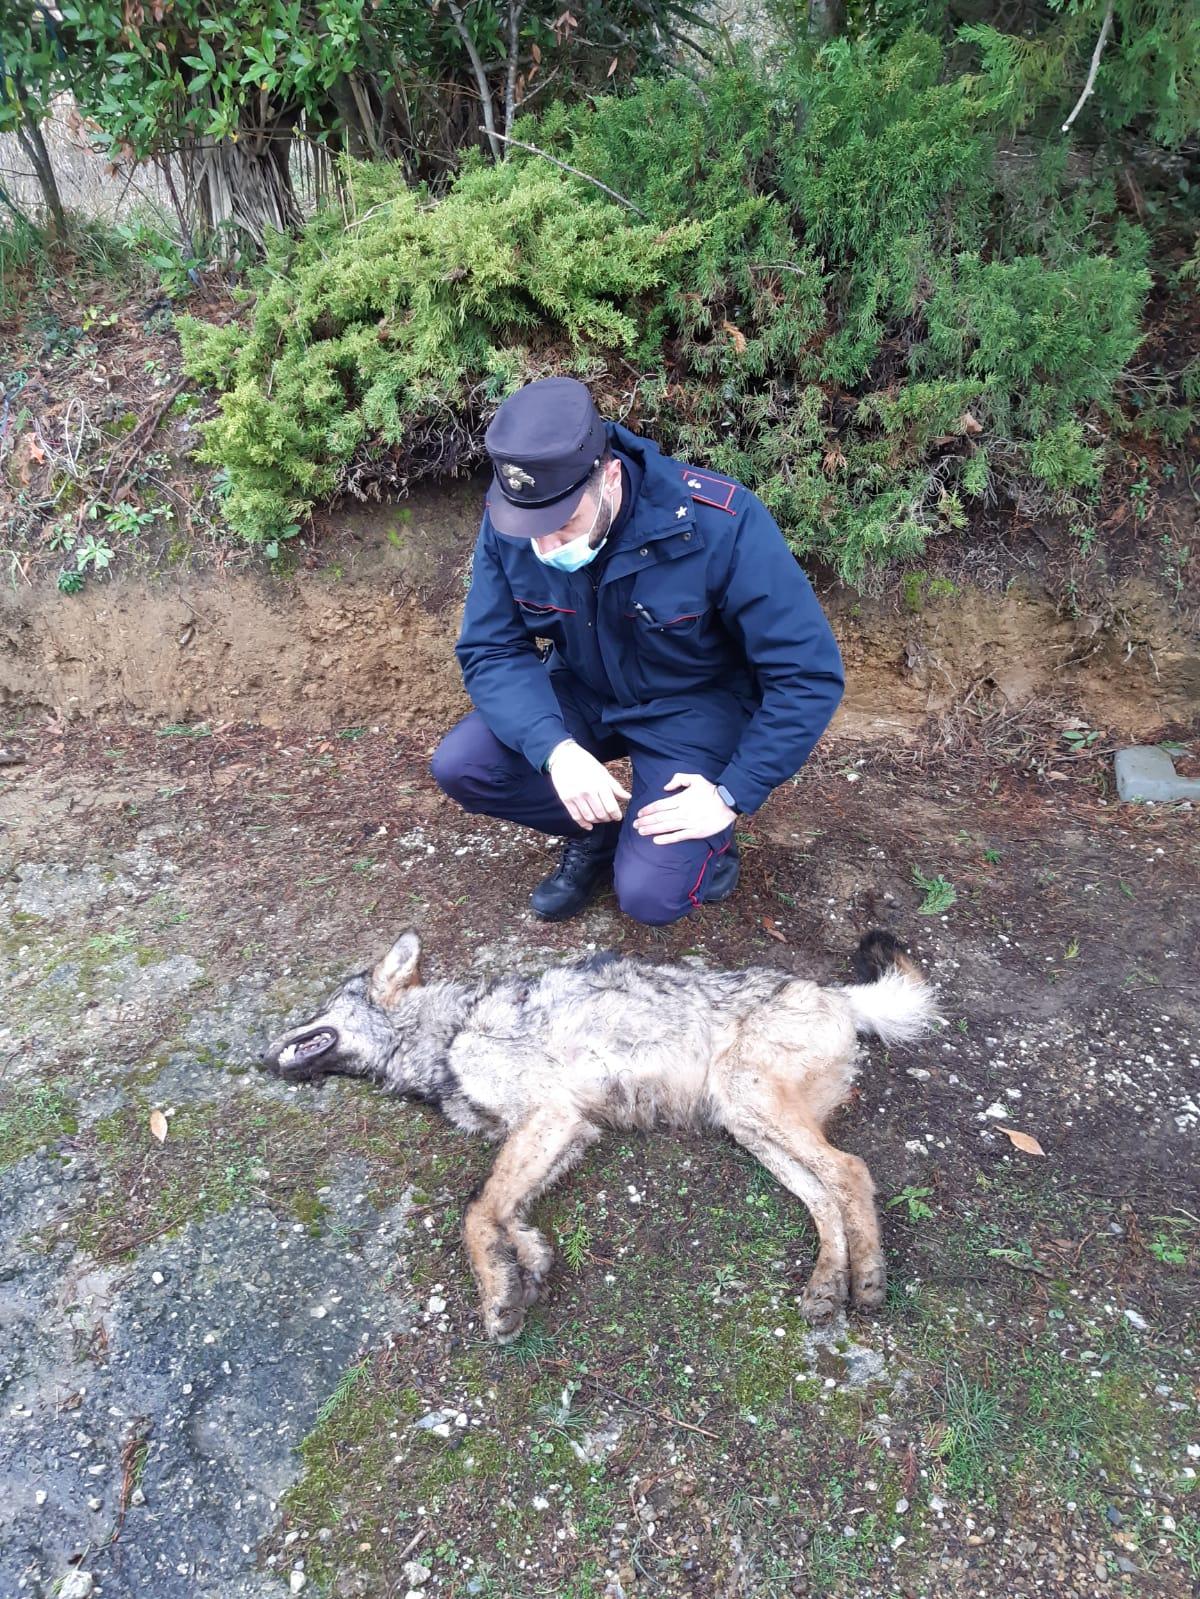 Rinvenuto lupo morto, in corso accertamenti